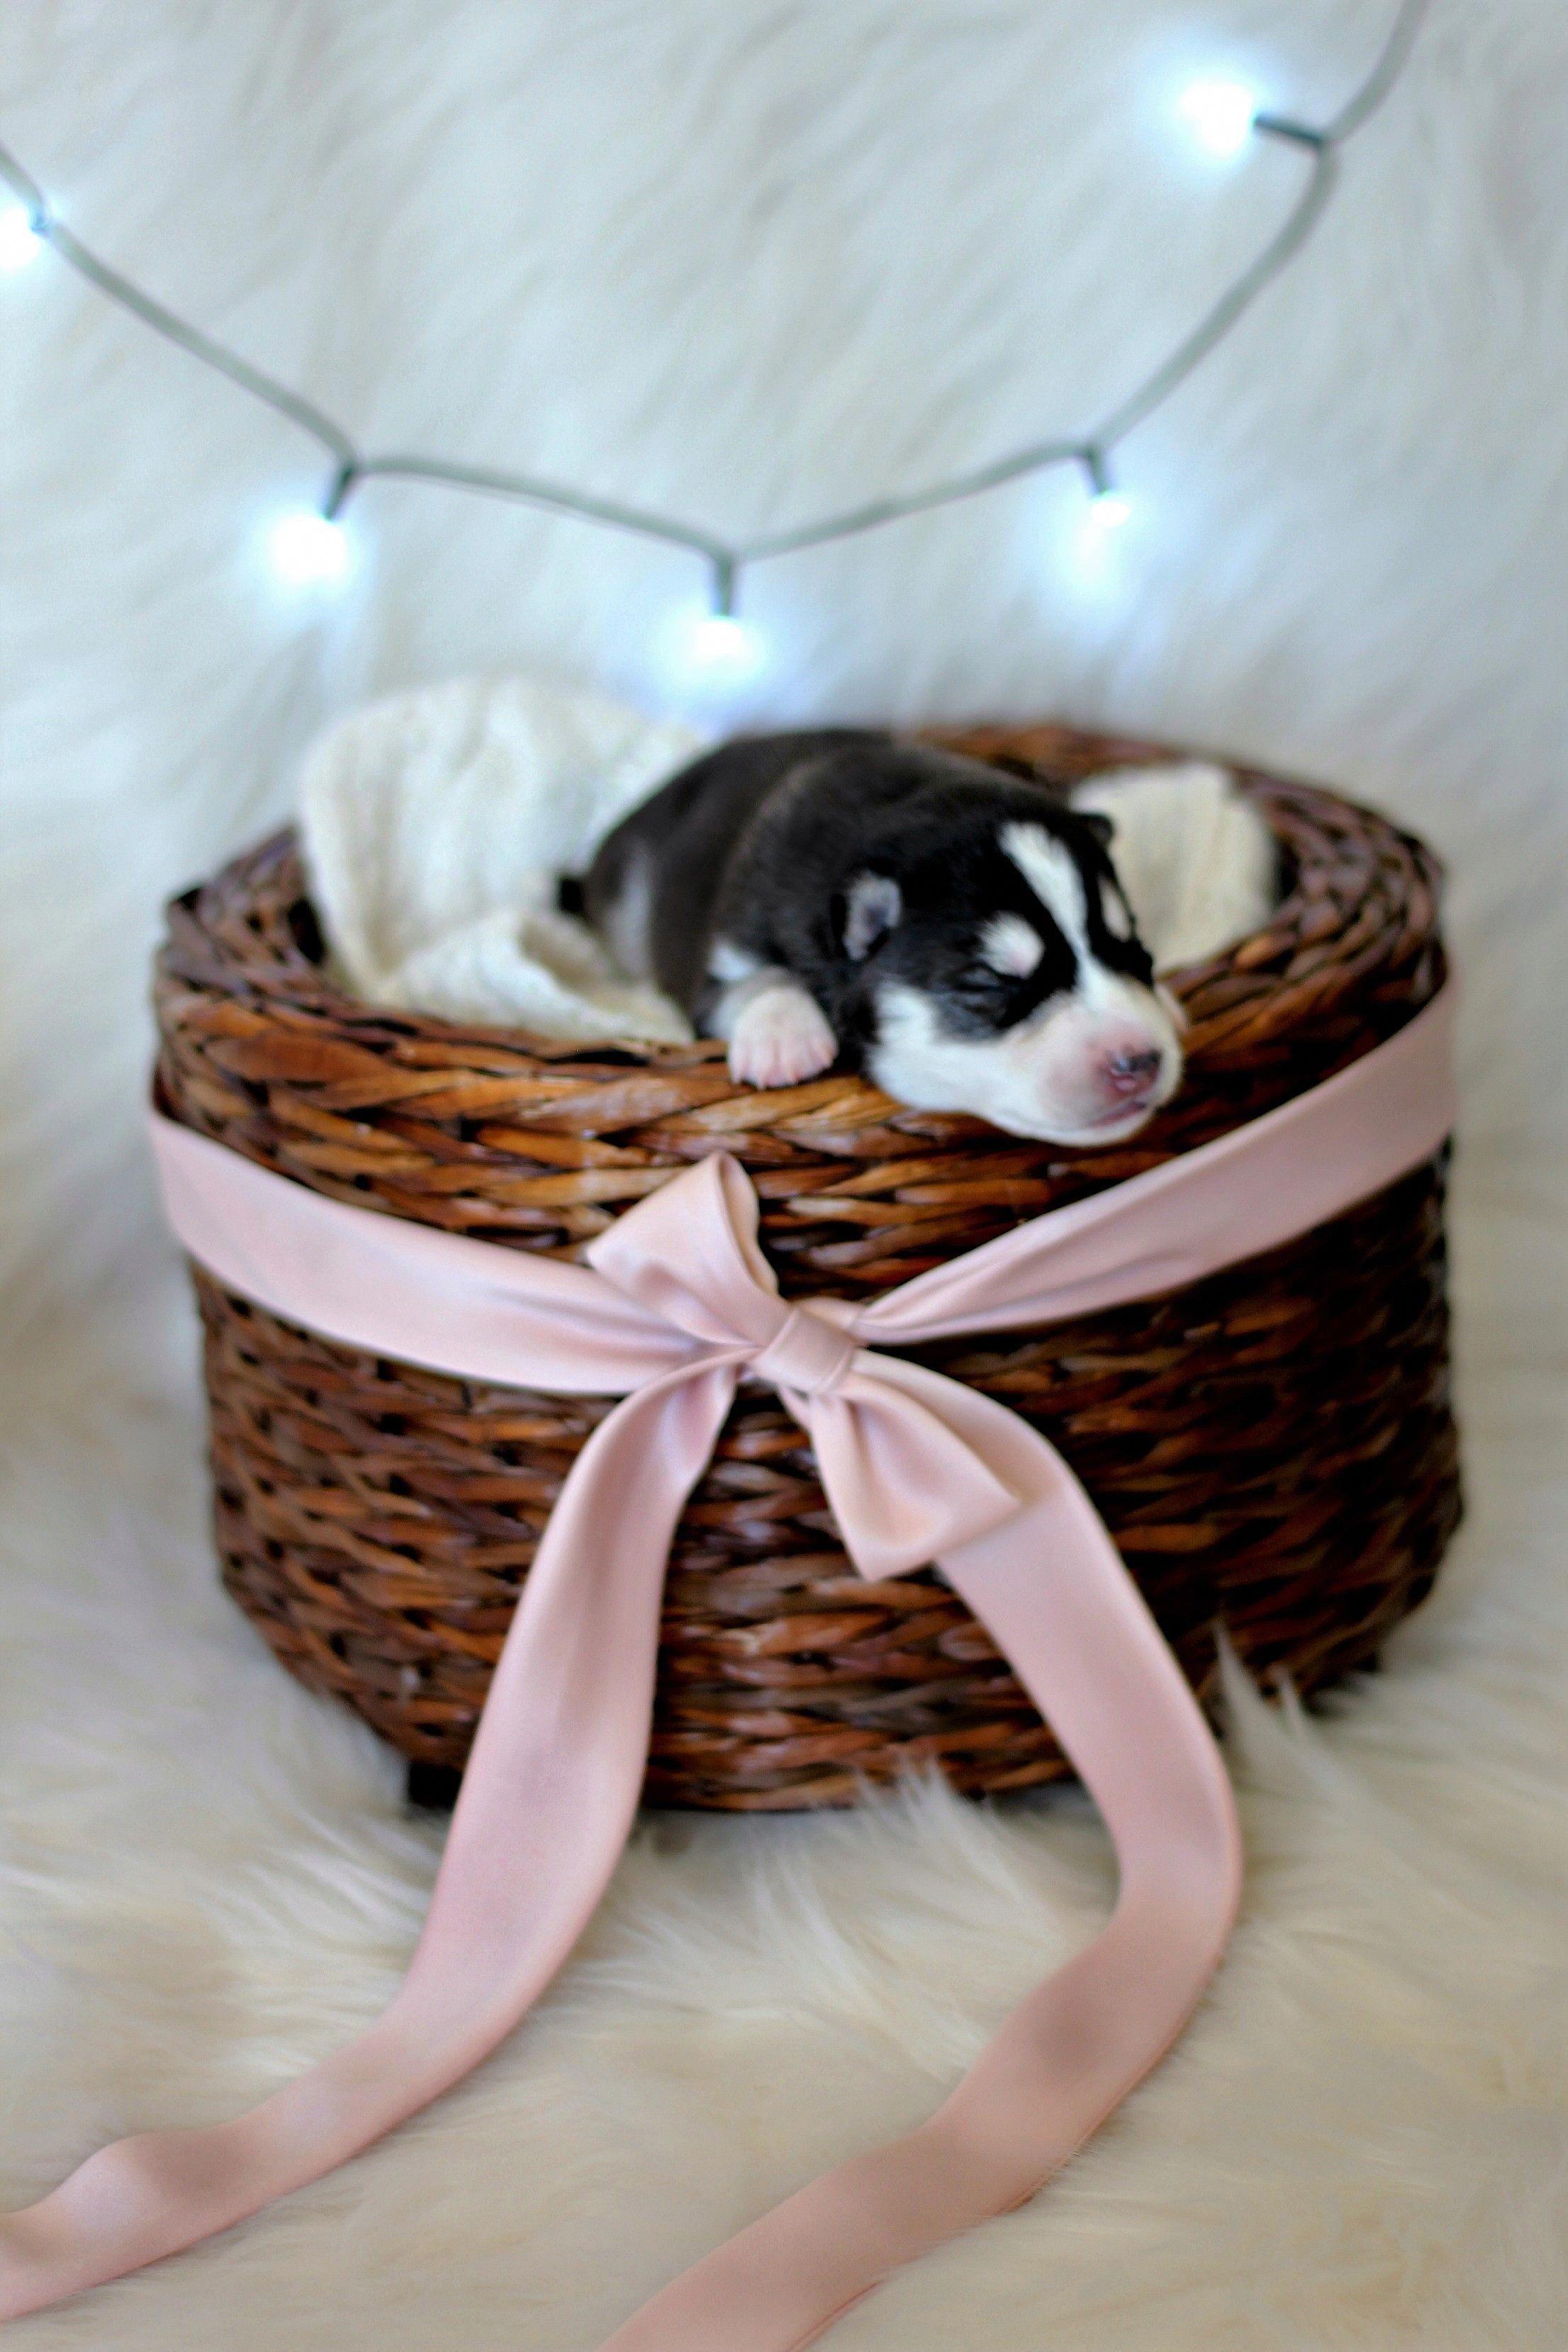 Cutest Newborn Puppy Siberian Husky Cassandra E.G